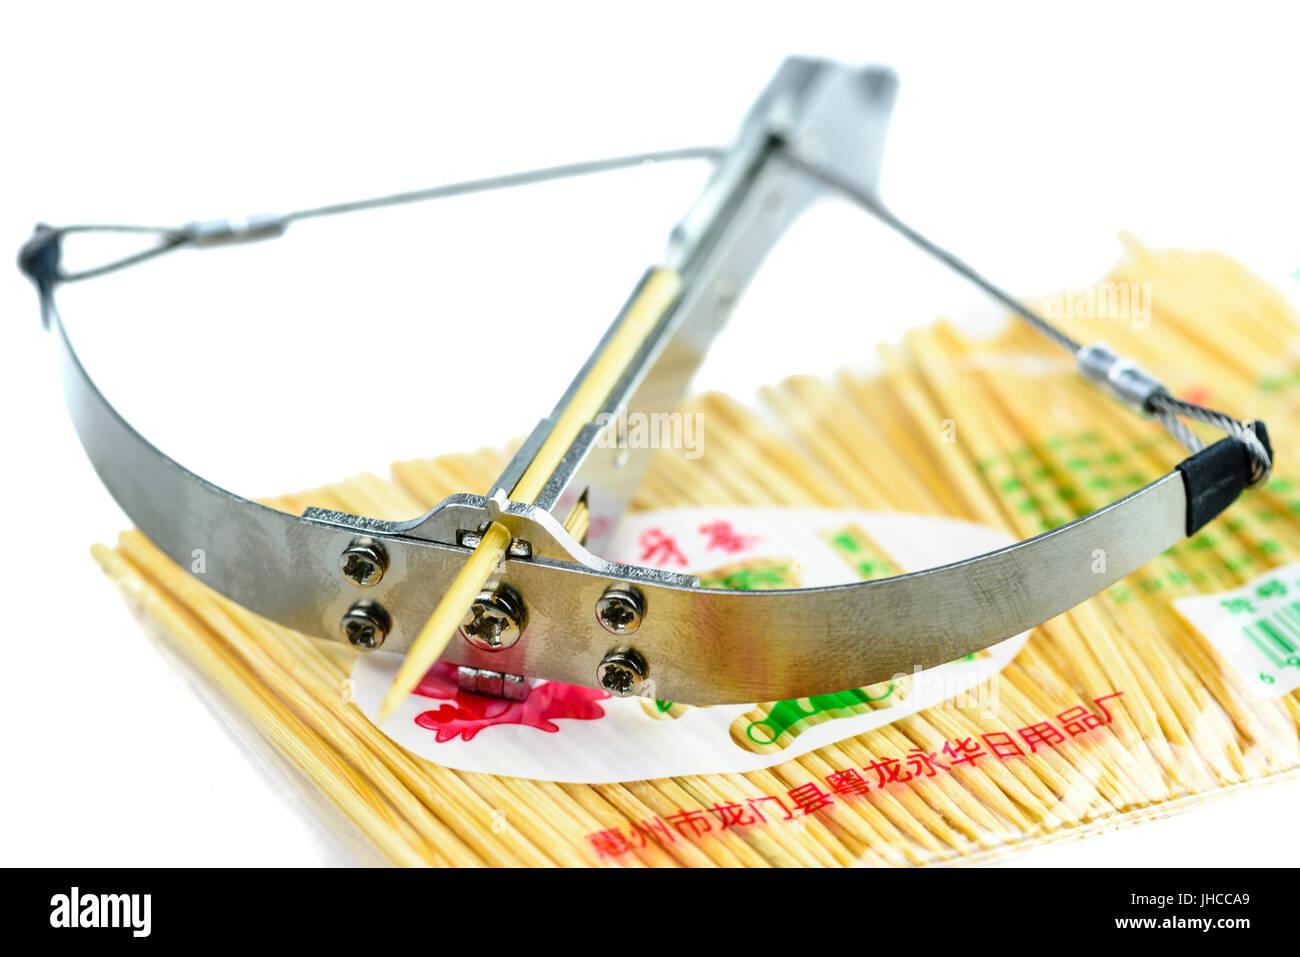 Stuzzicadenti catapulta, un acciaio pericolose 'giocattolo' dalla Cina che gli incendi stuzzicadenti con Immagini Stock